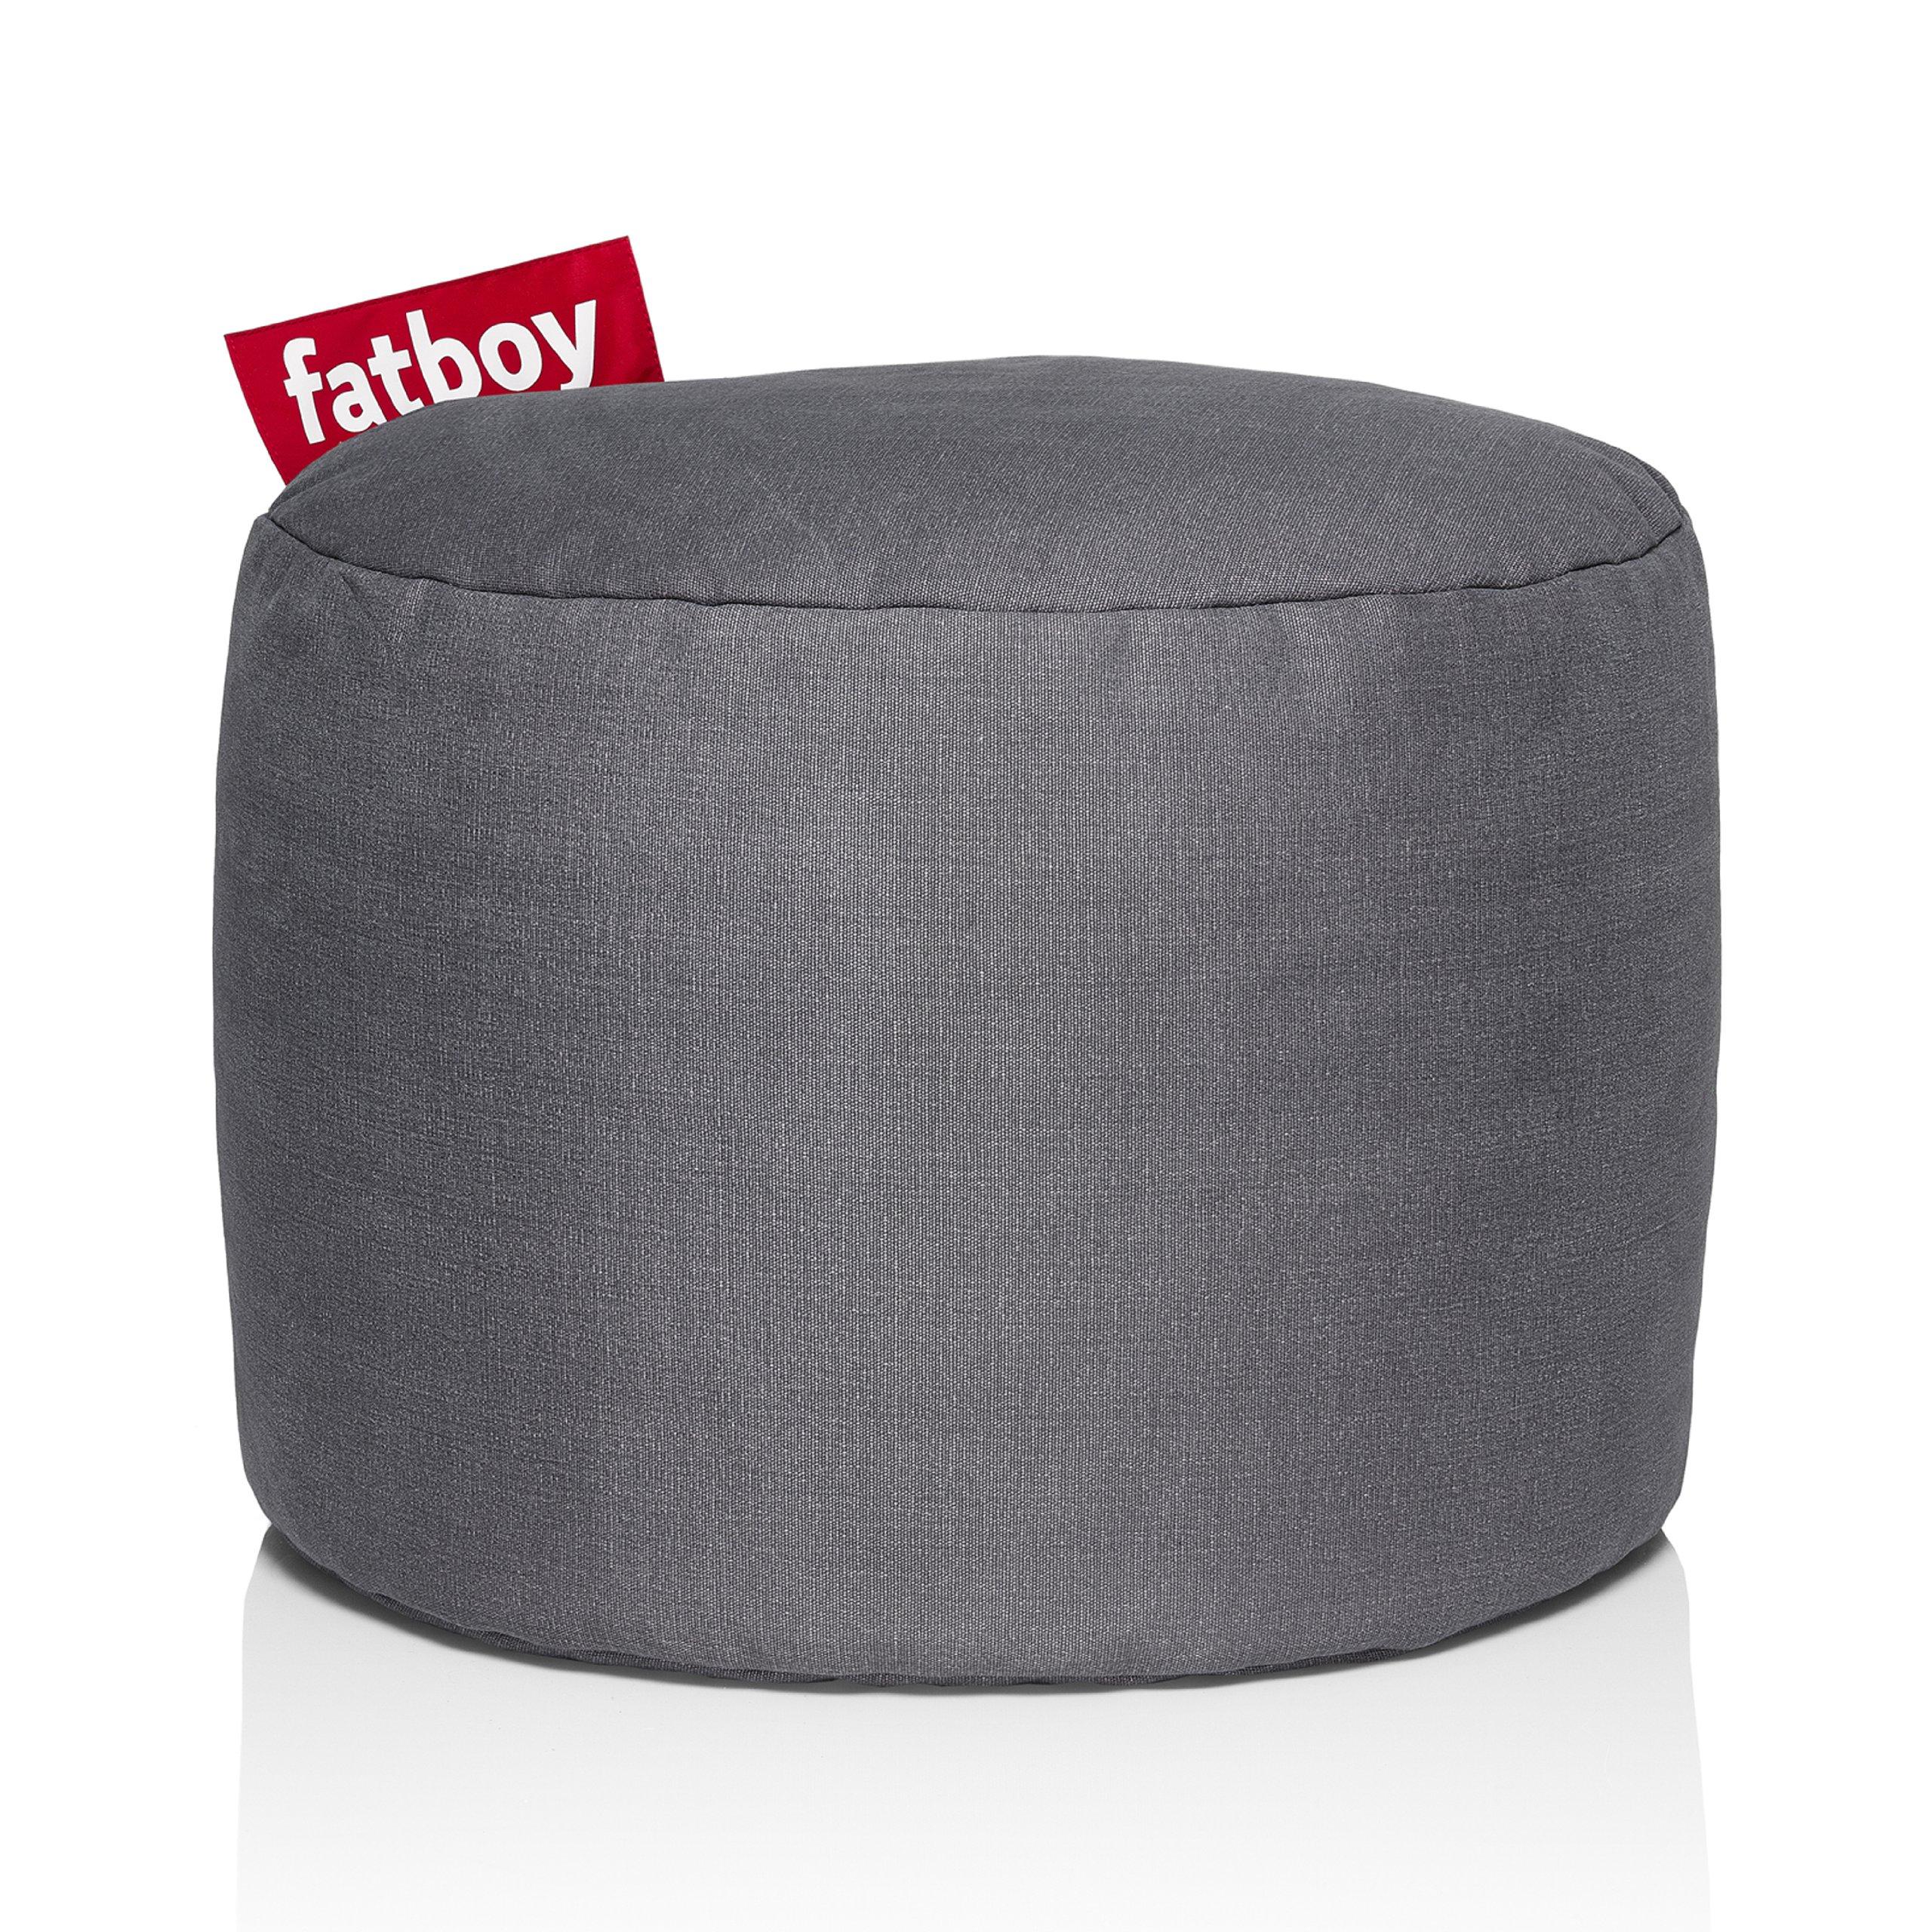 Fatboy Point Stonewashed Bean Bag, Grey